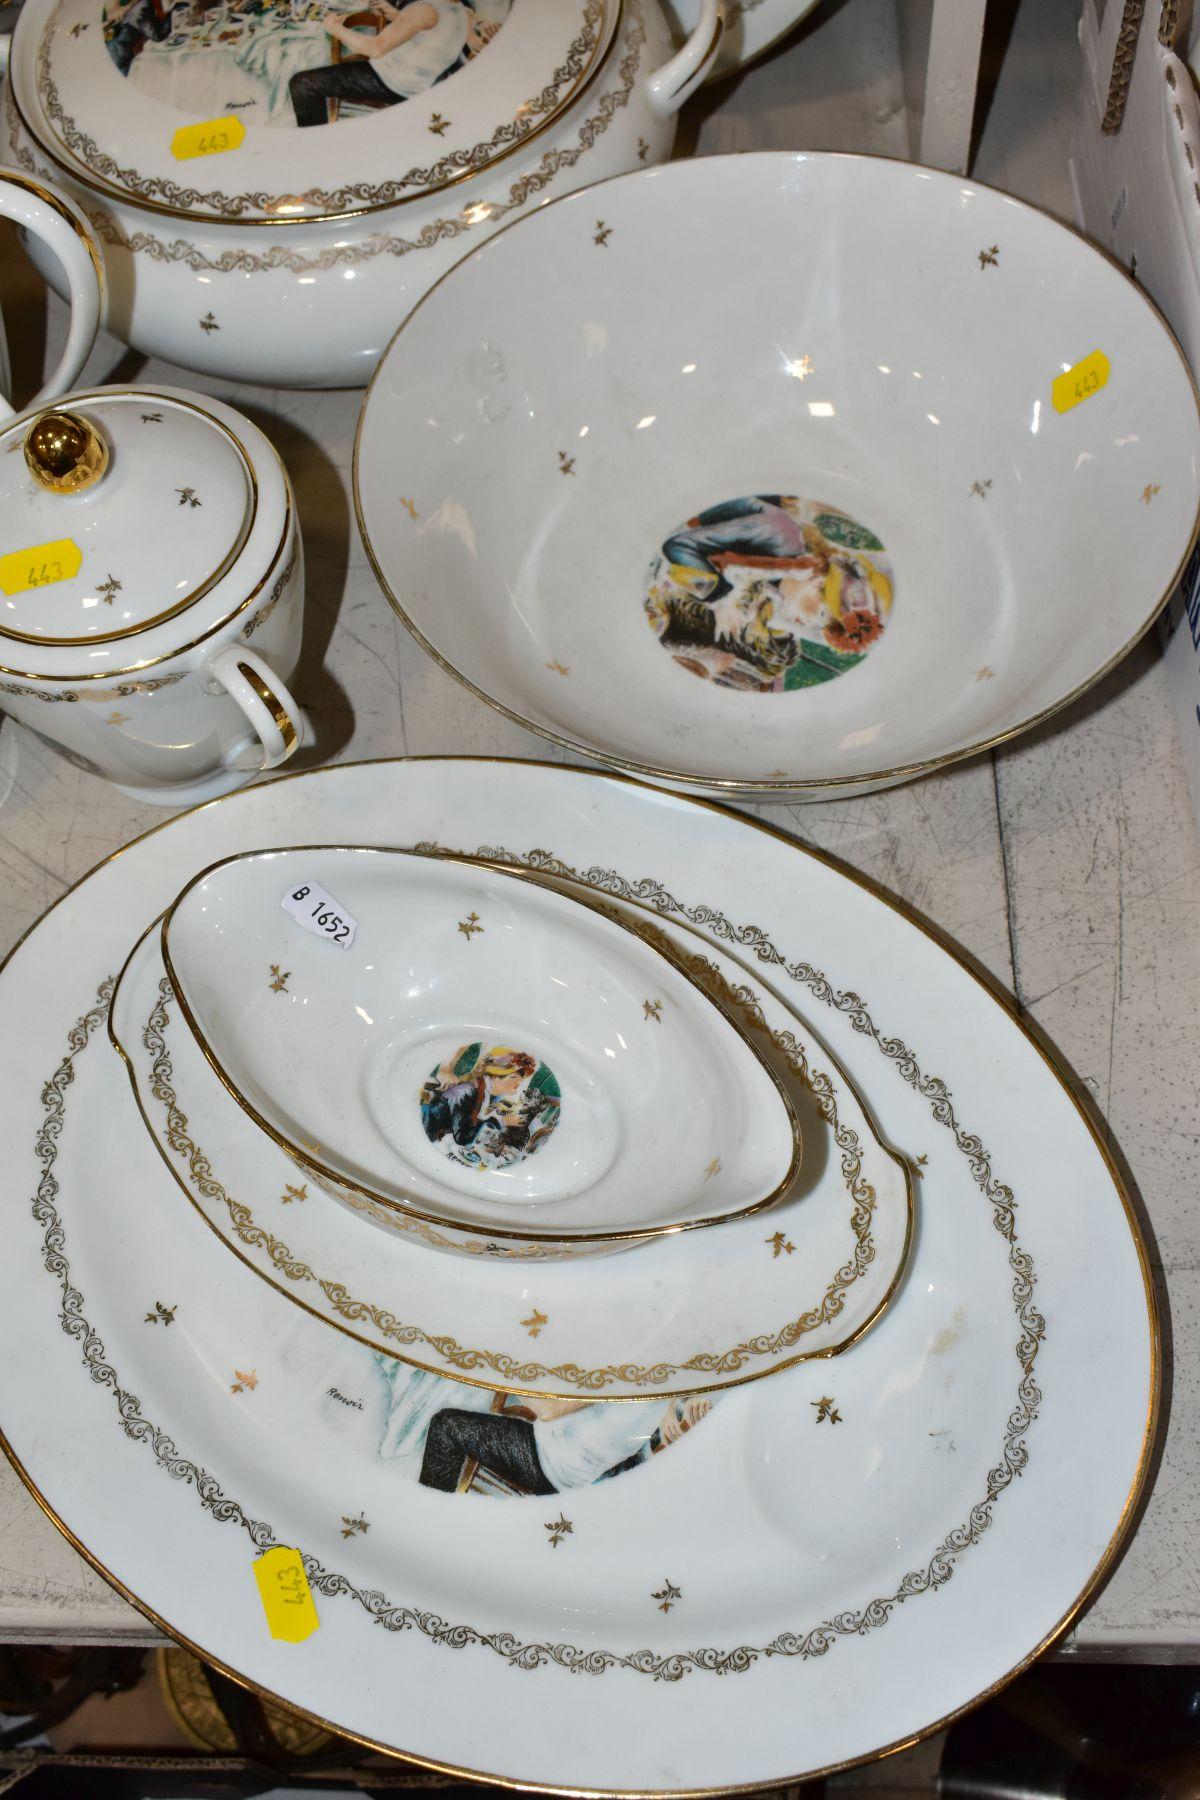 A LIMOGES 'RENOIR' DINNER SERVICE, marked to the base 'Veritable Porcelaine de Limoges Decor Reserve - Image 2 of 9